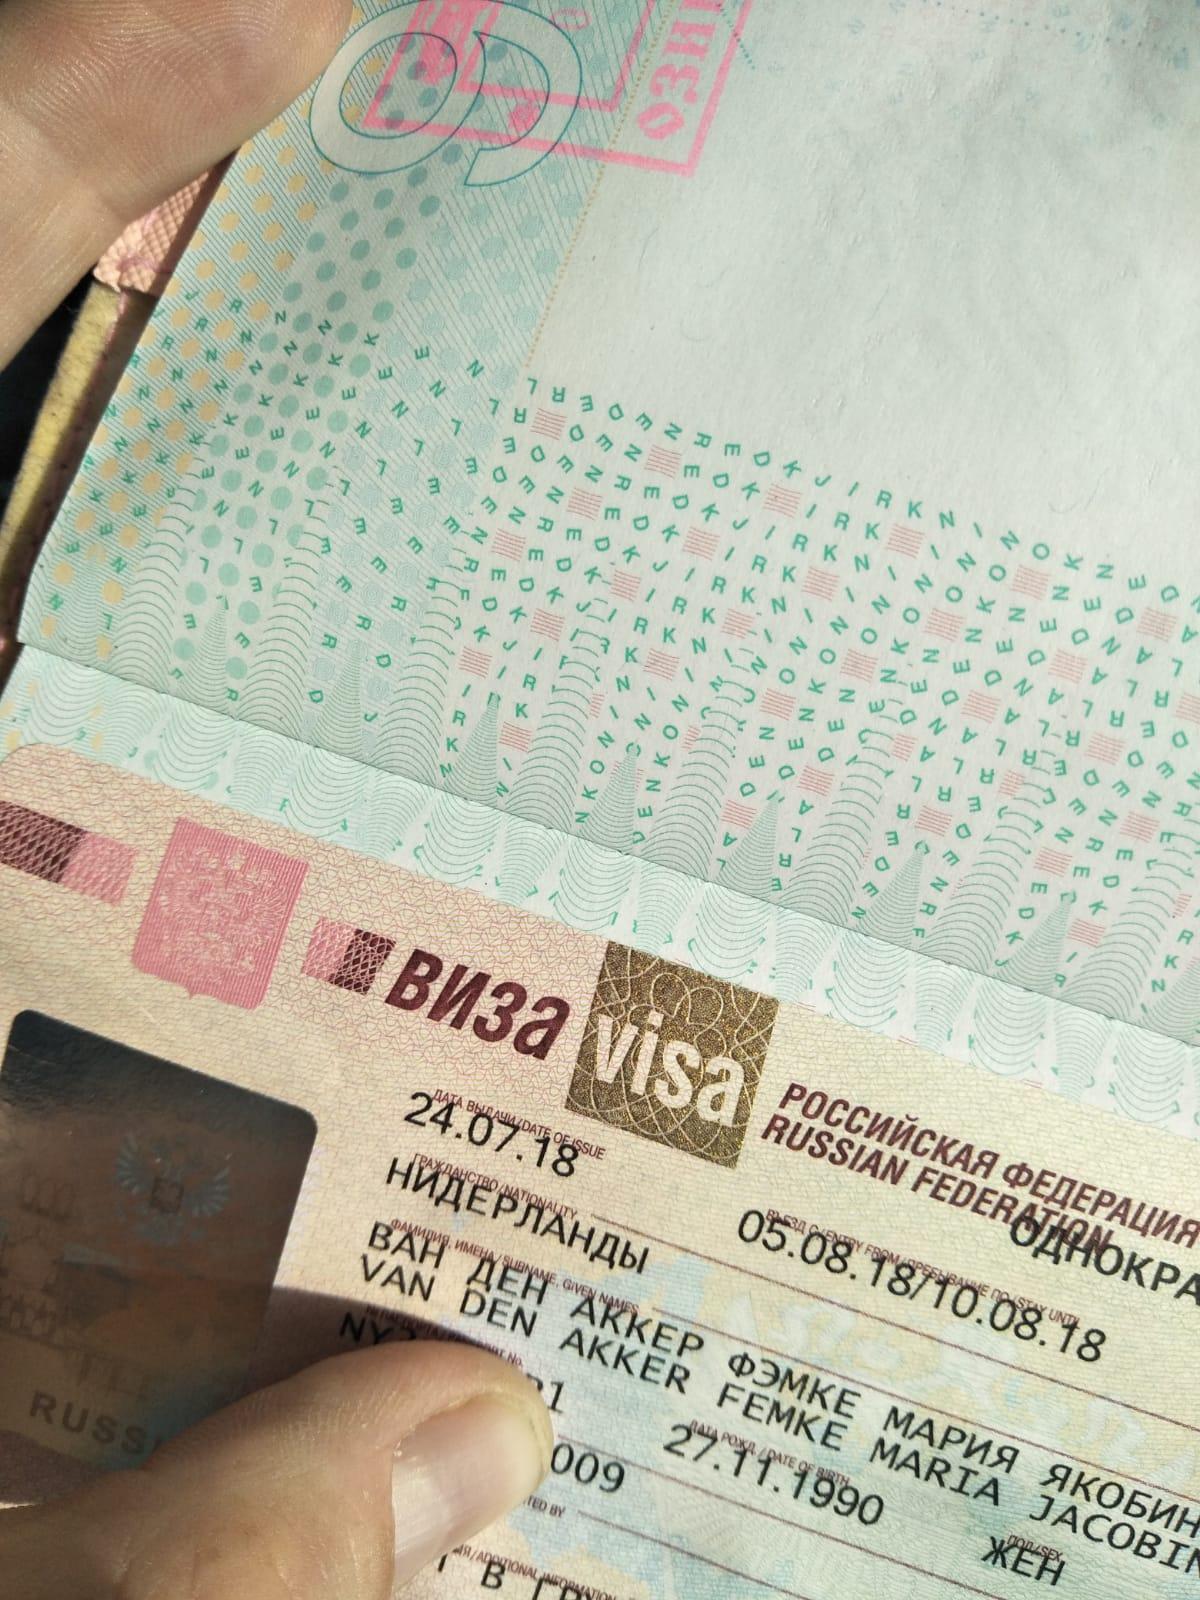 Rusland visum in paspoort